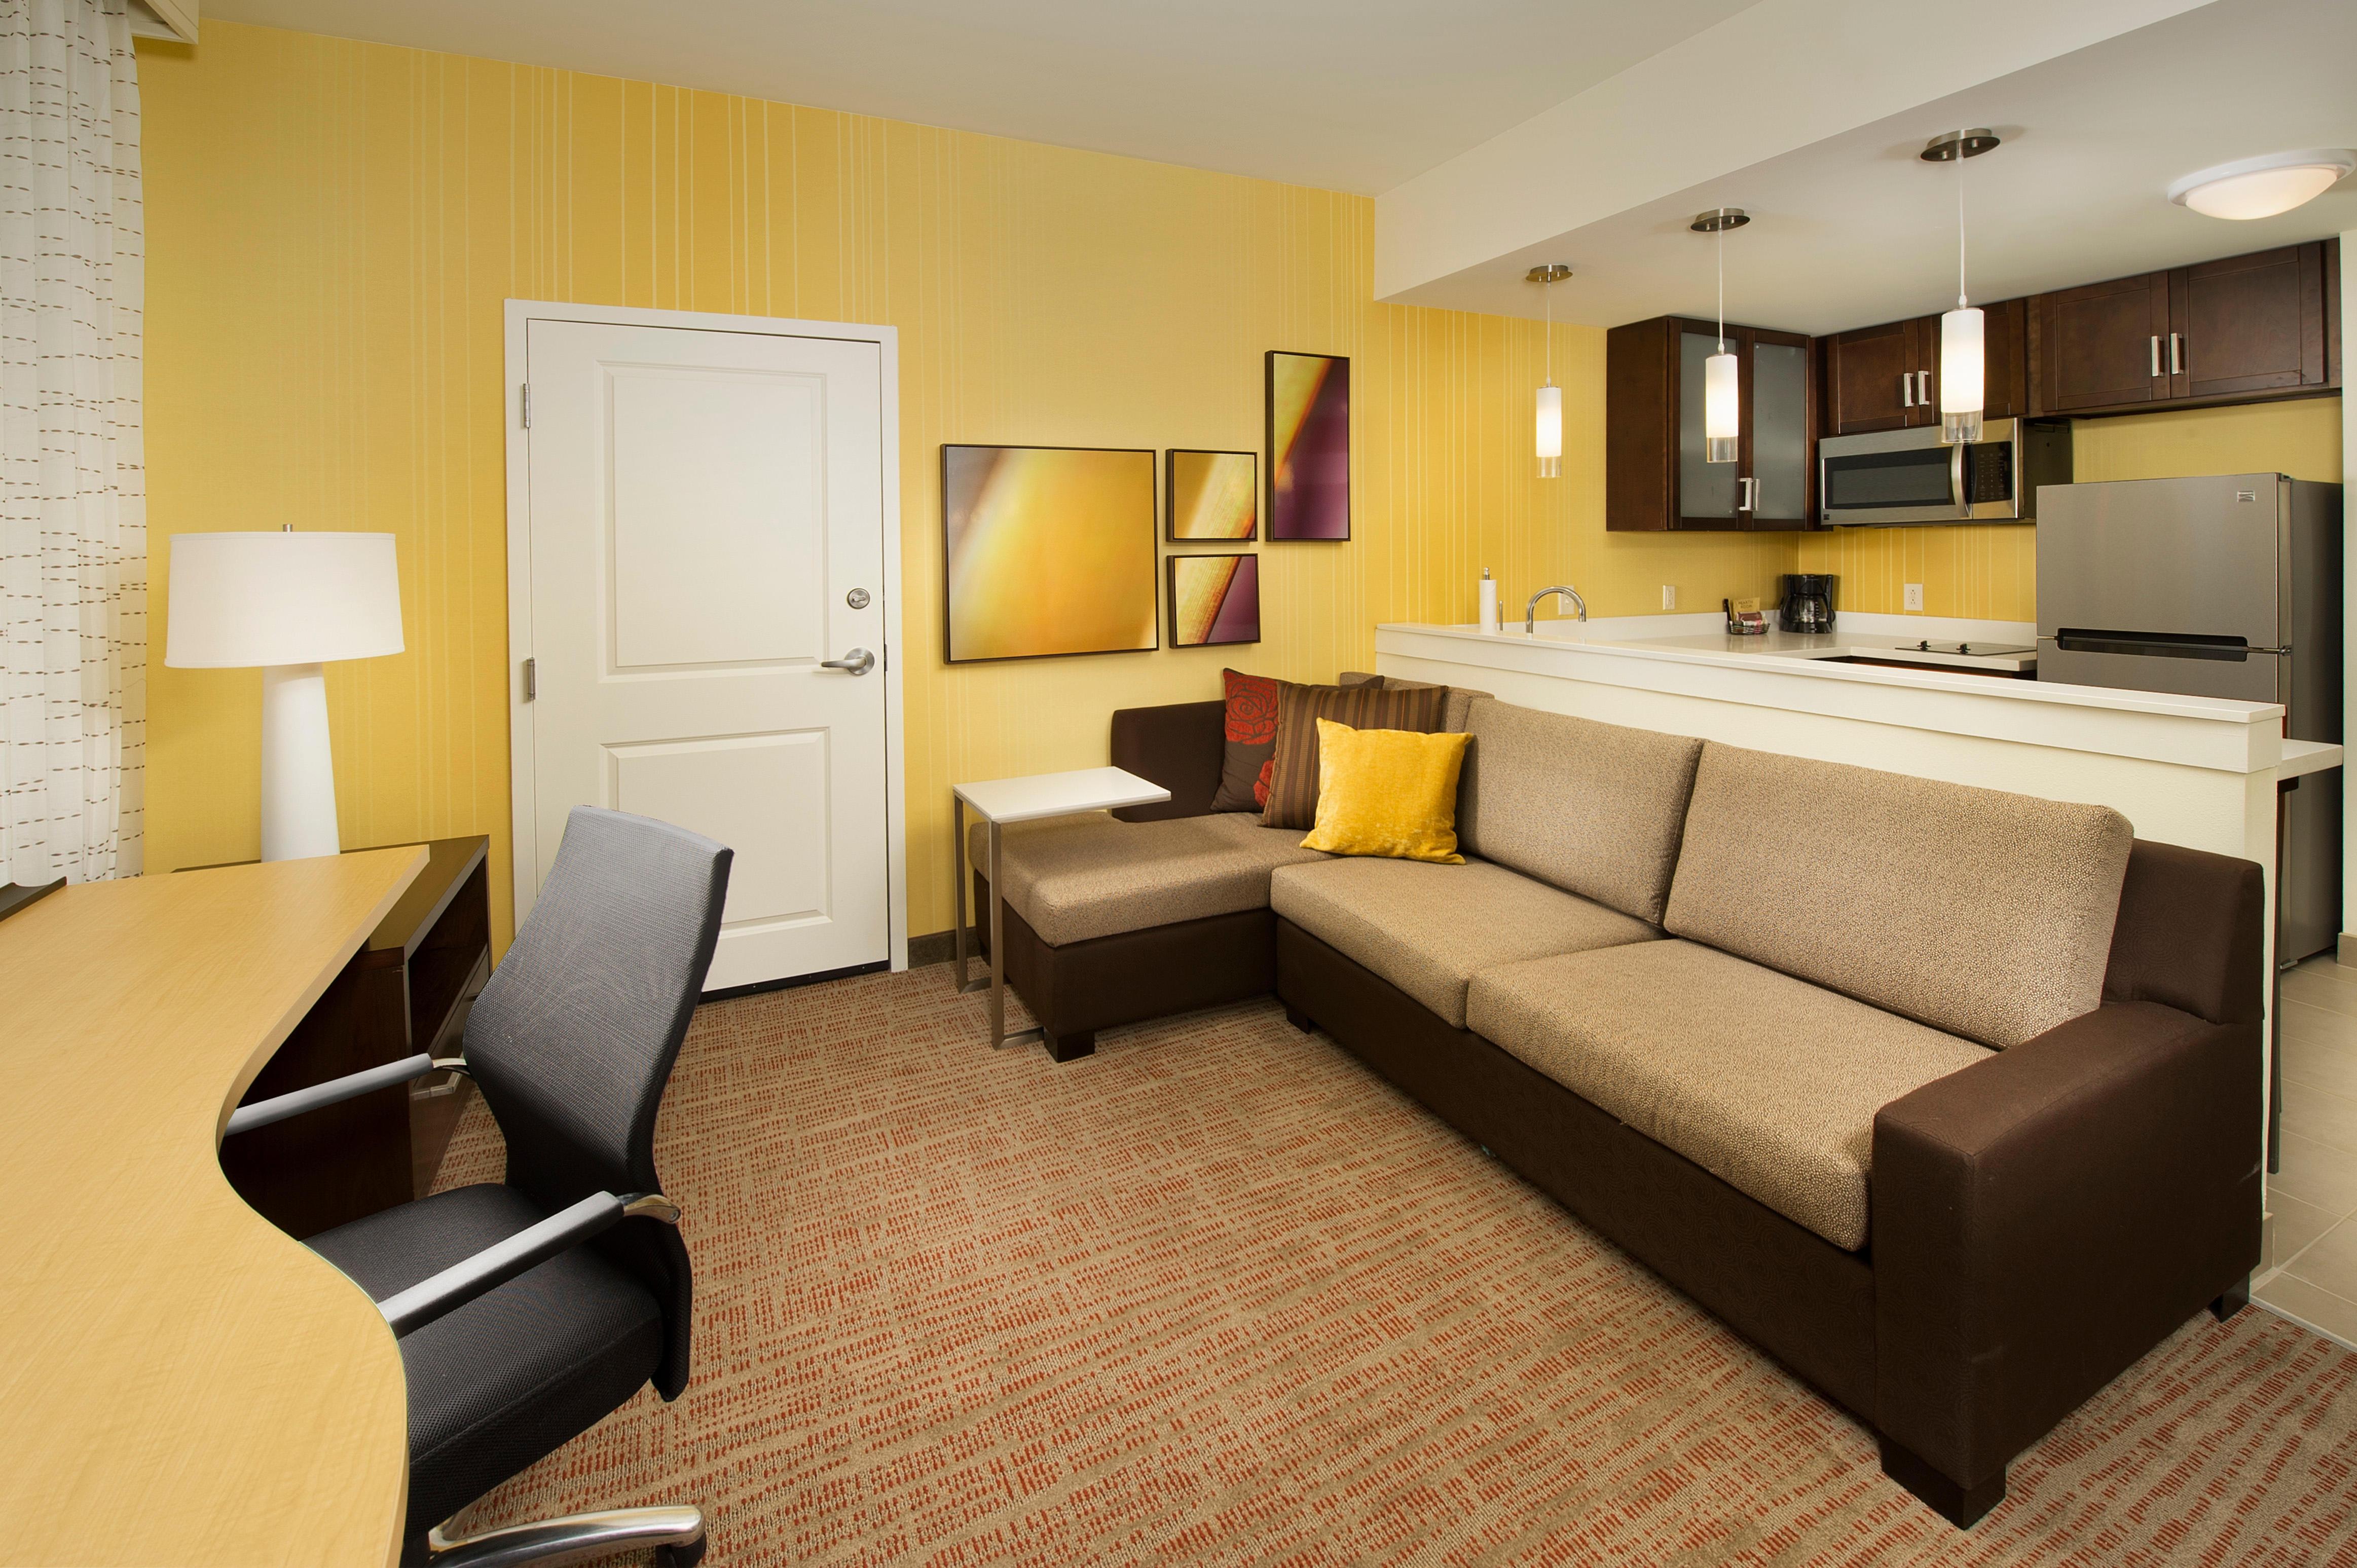 Residence Inn by Marriott Nashville SE/Murfreesboro image 9